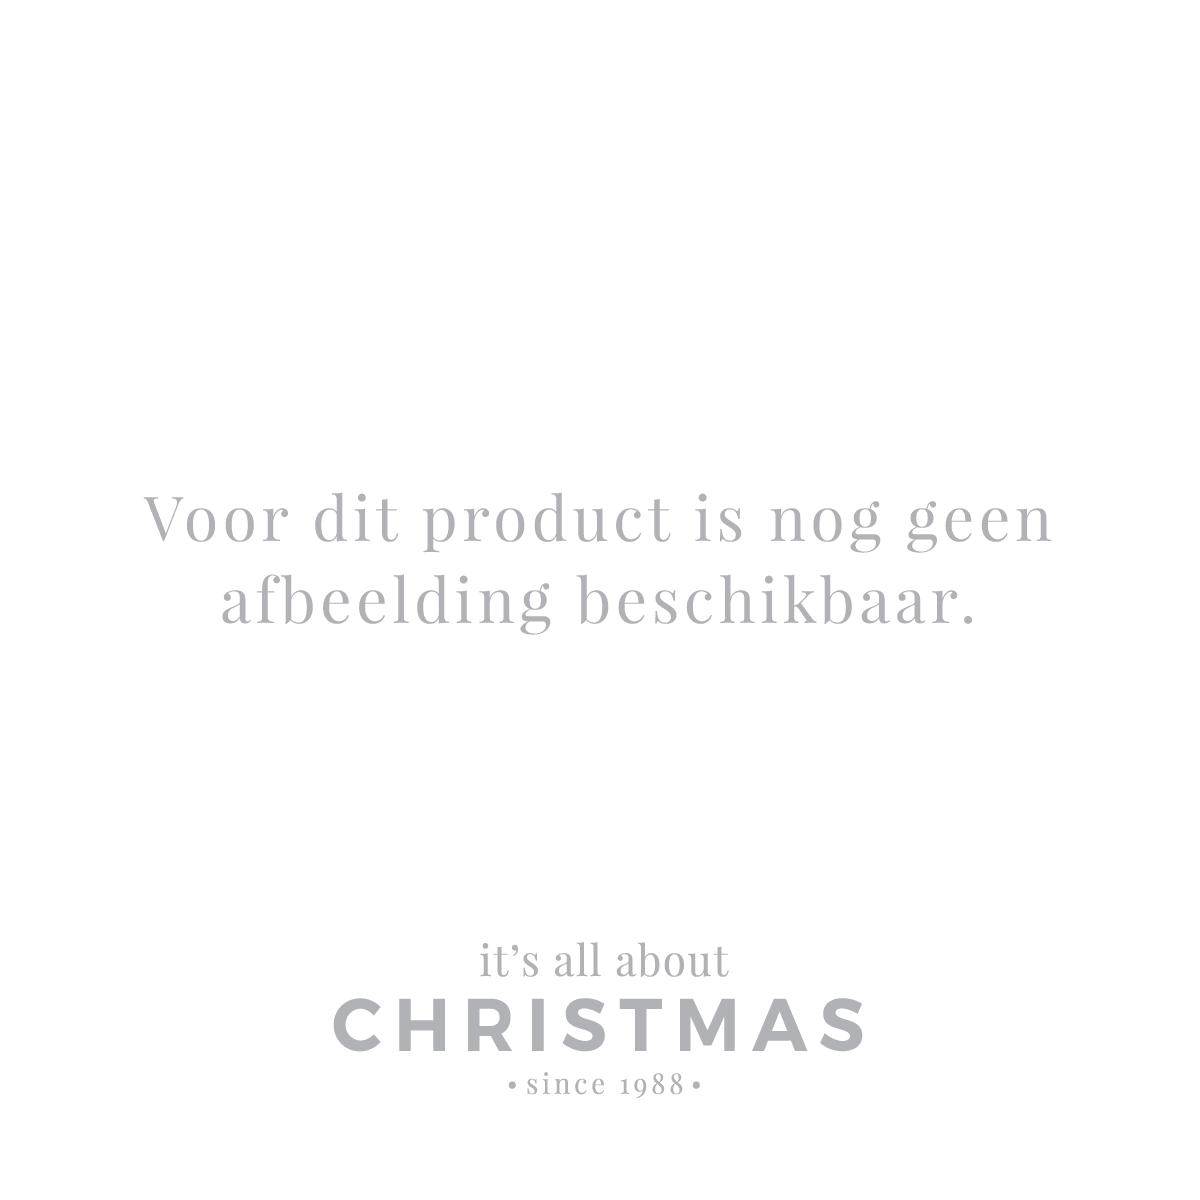 Christbaumkugeln Glas Schwarz.44 Christbaumkugeln Glas Schwarz In Koffer It S All About Christmas